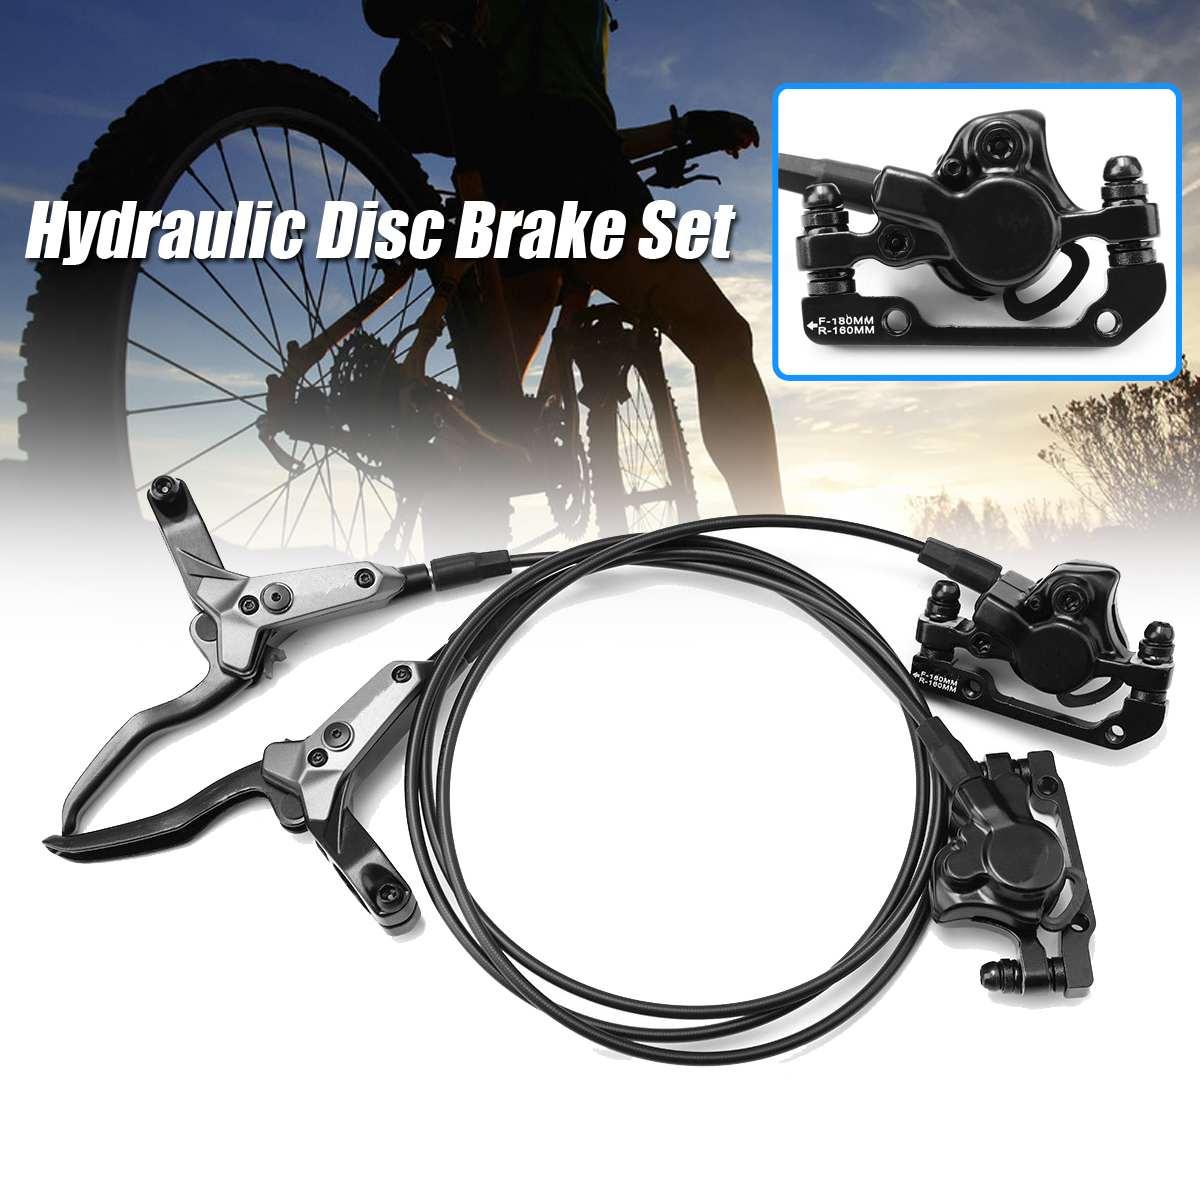 Kit d'adaptateur noir de frein à disque de vélo de montagne hydraulique avant et arrière pour réclamer des accessoires et des pièces de vélo de montagne